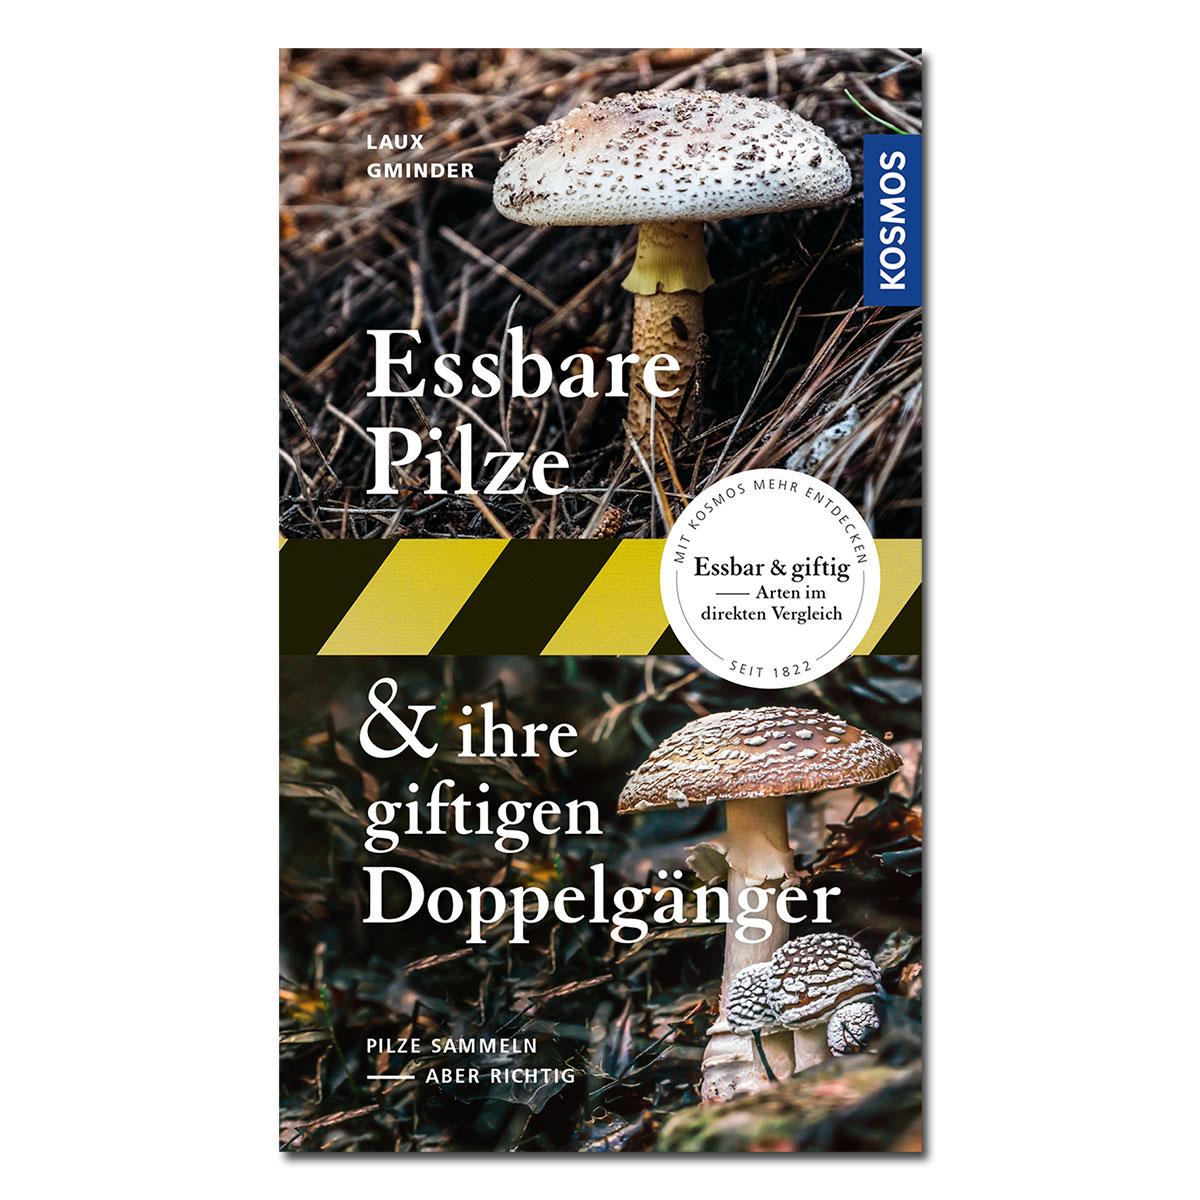 Essbare Pilze & ihre giftigen Doppelgänger im Pareyshop